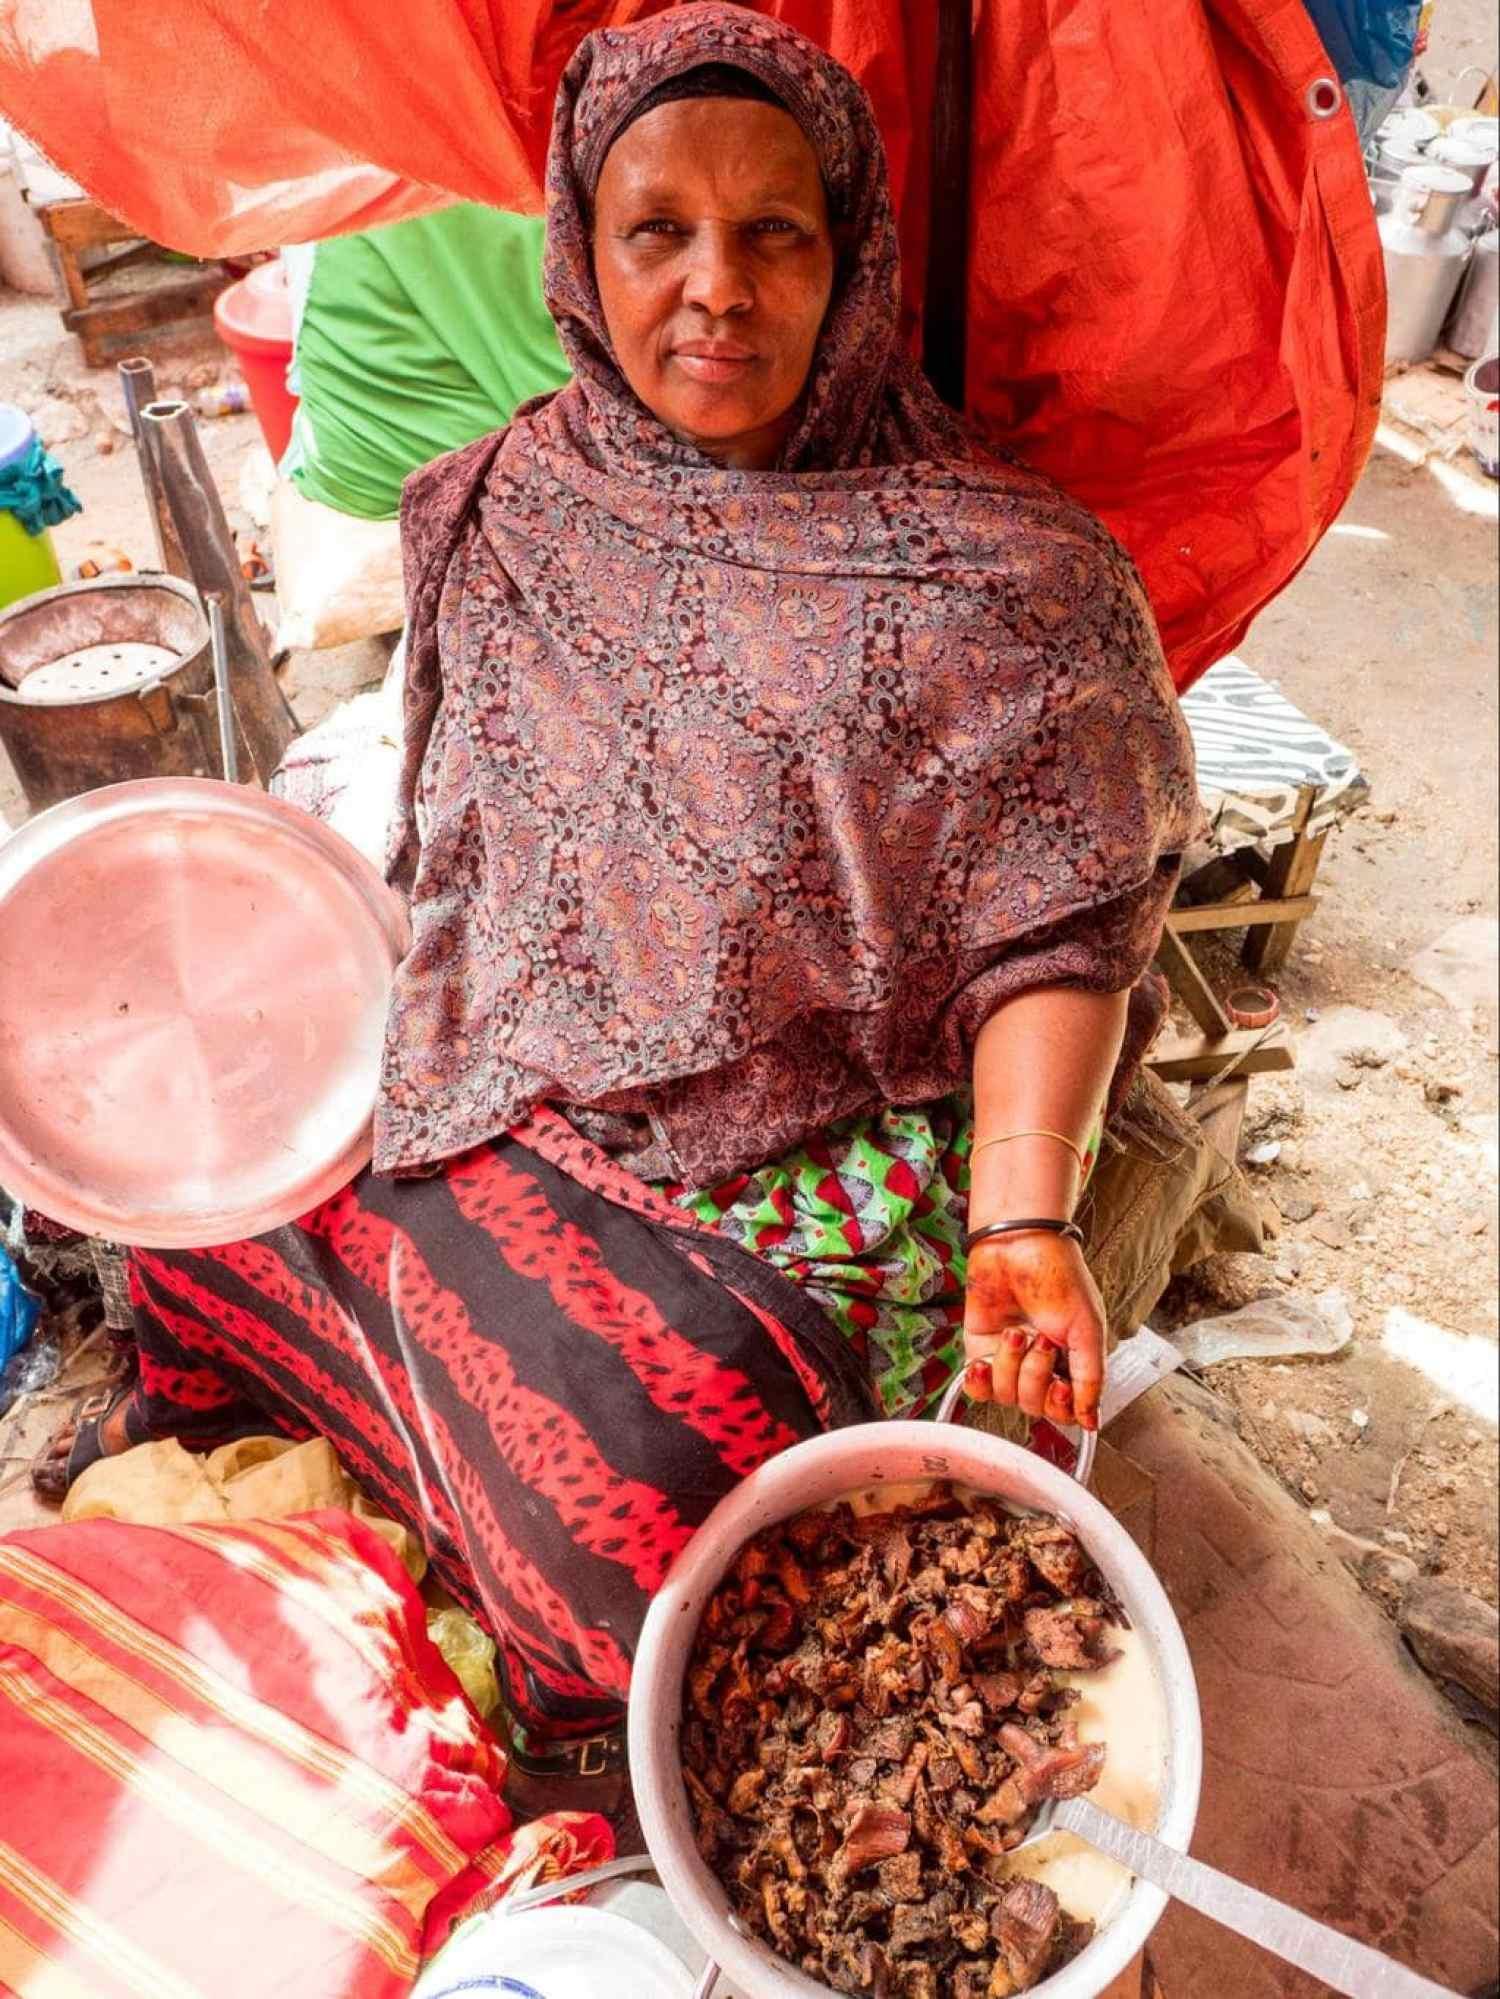 Somalilander market seller with her camel liver